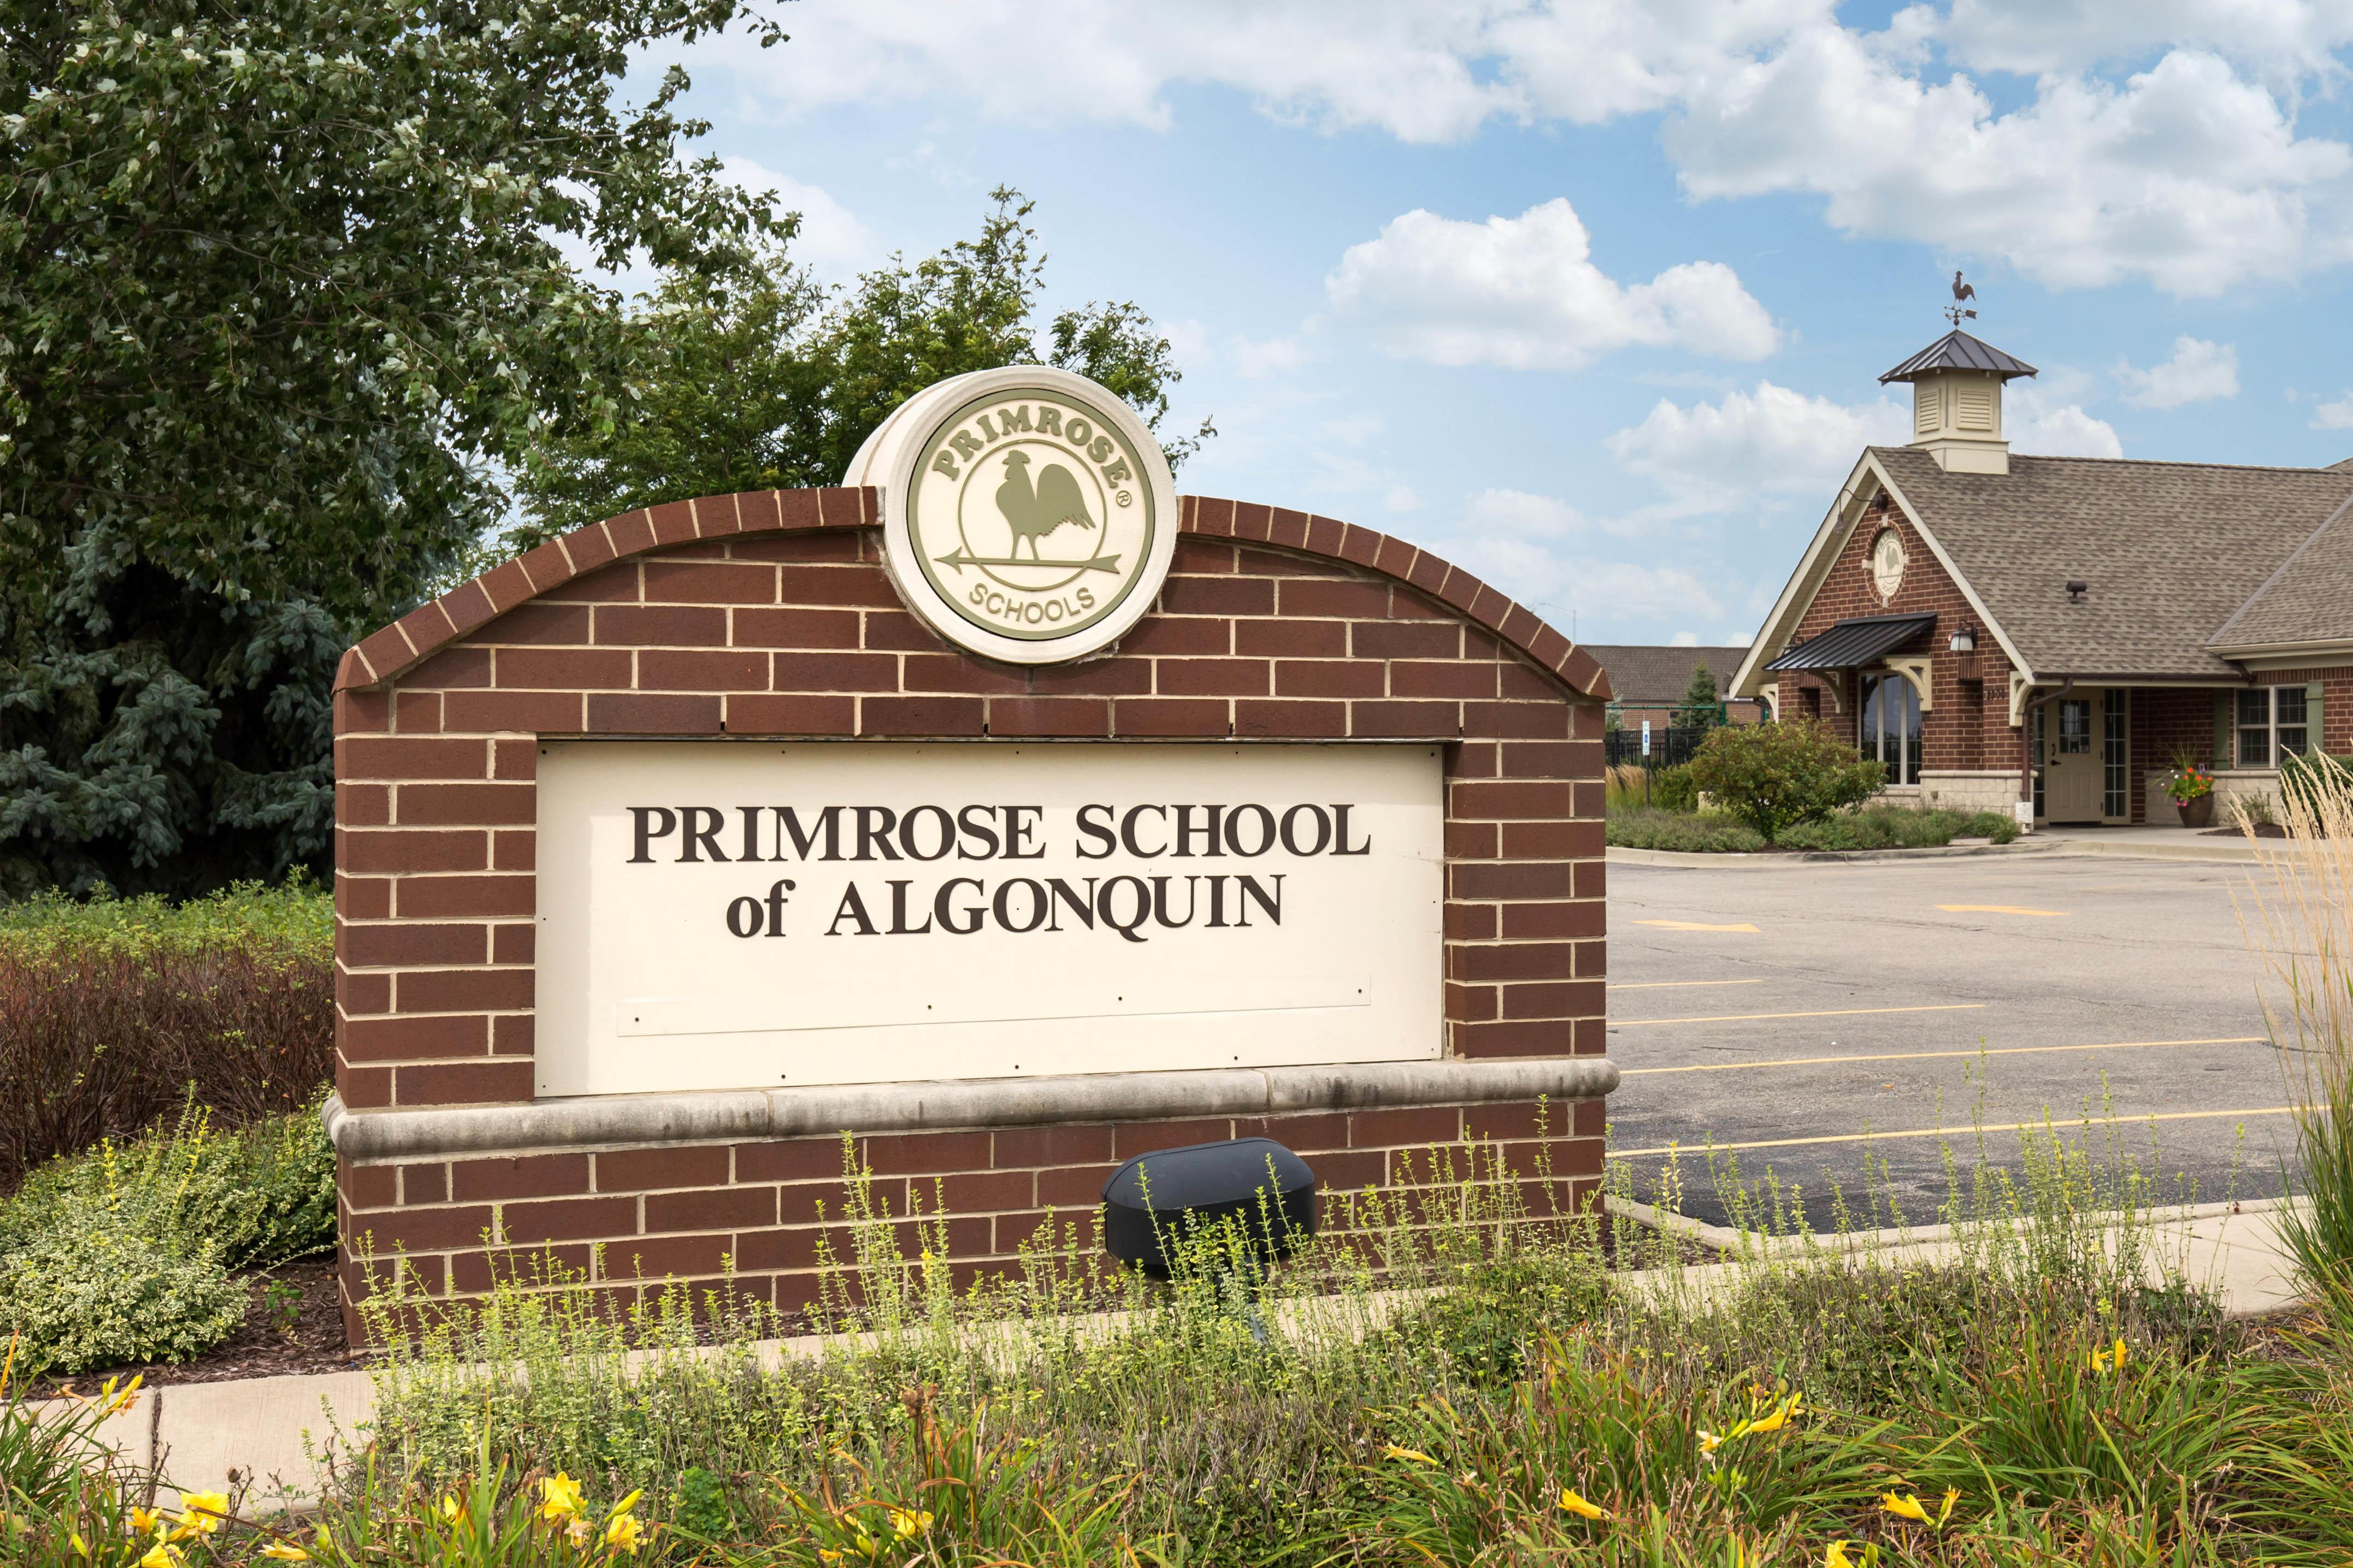 Primrose School of Algonquin image 24